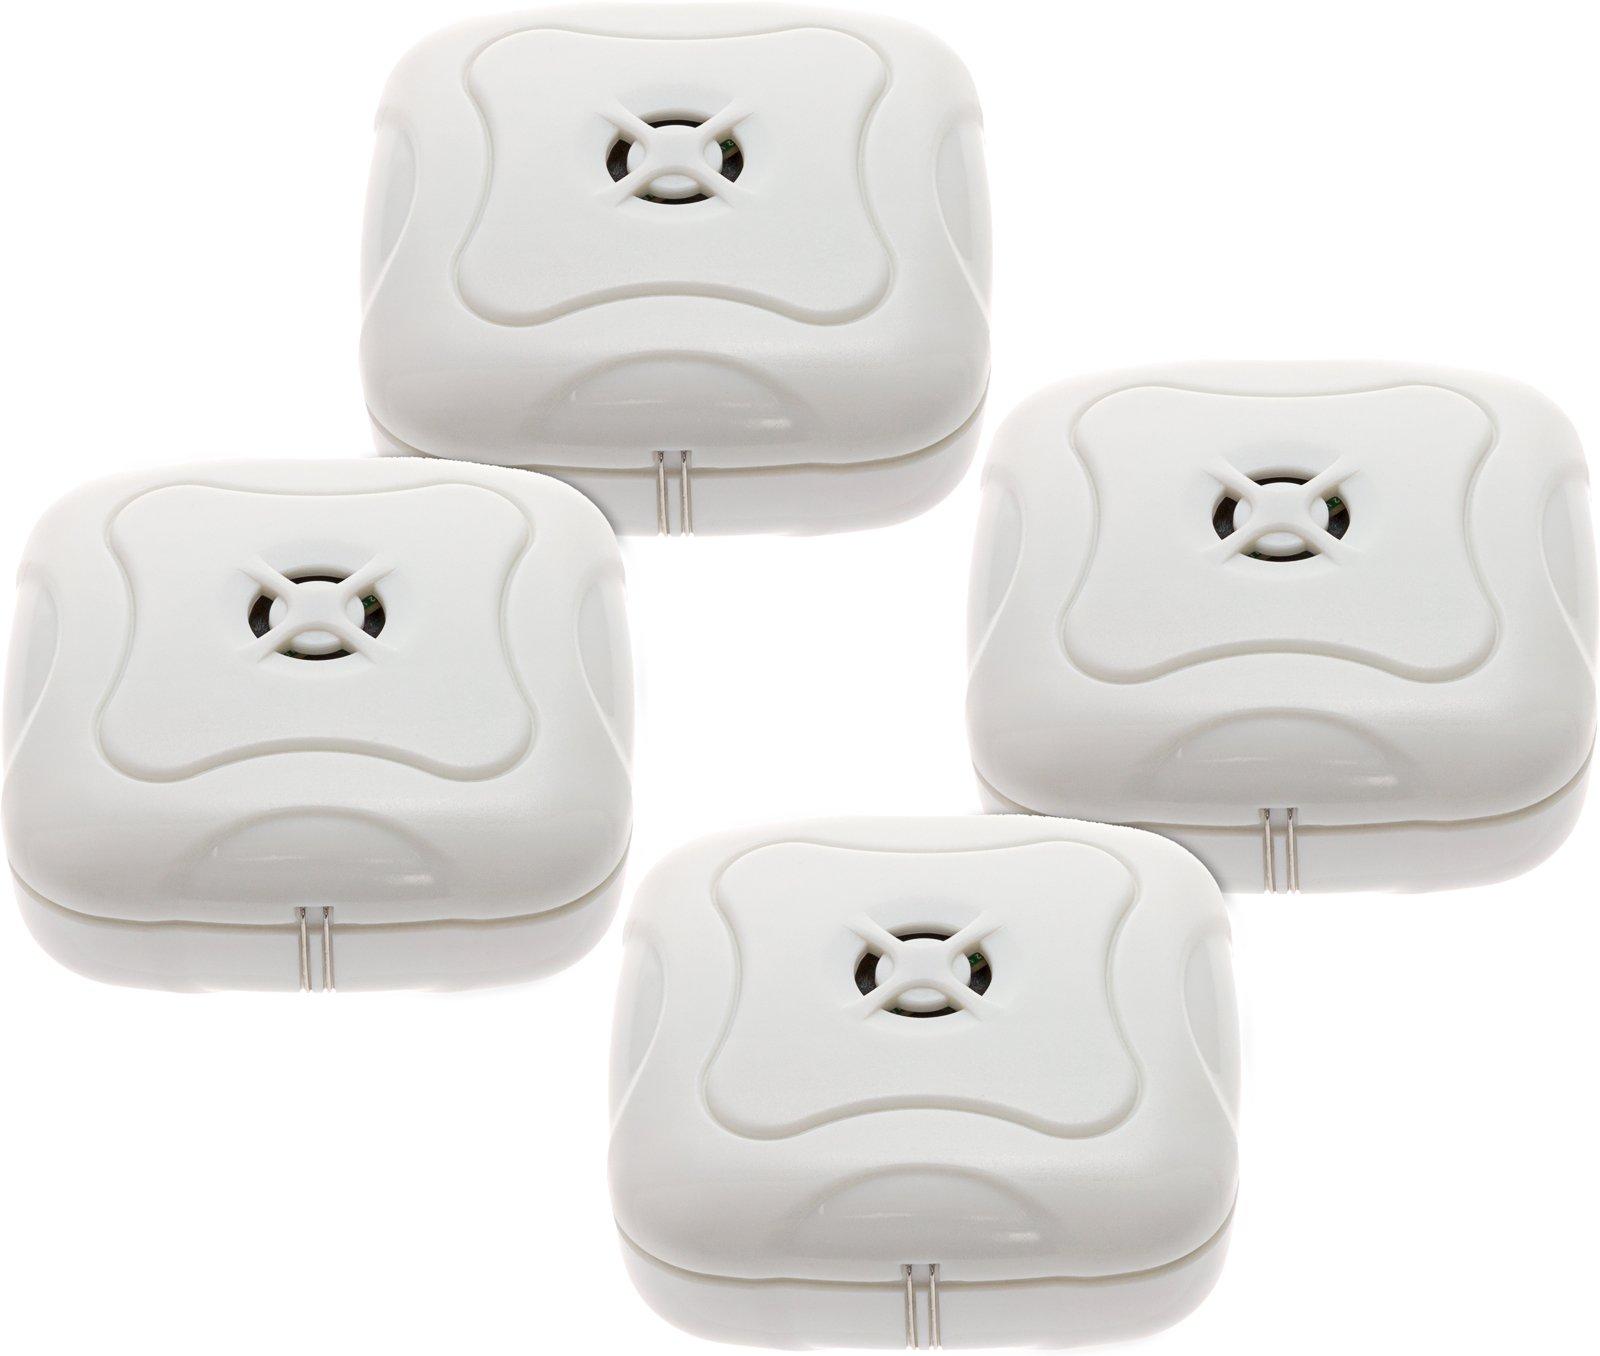 4 Pack Water Leak Detector - 95 Db Flood Detection Alarm Sensor Bathrooms, Basements Kitchens Mindful Design (White)